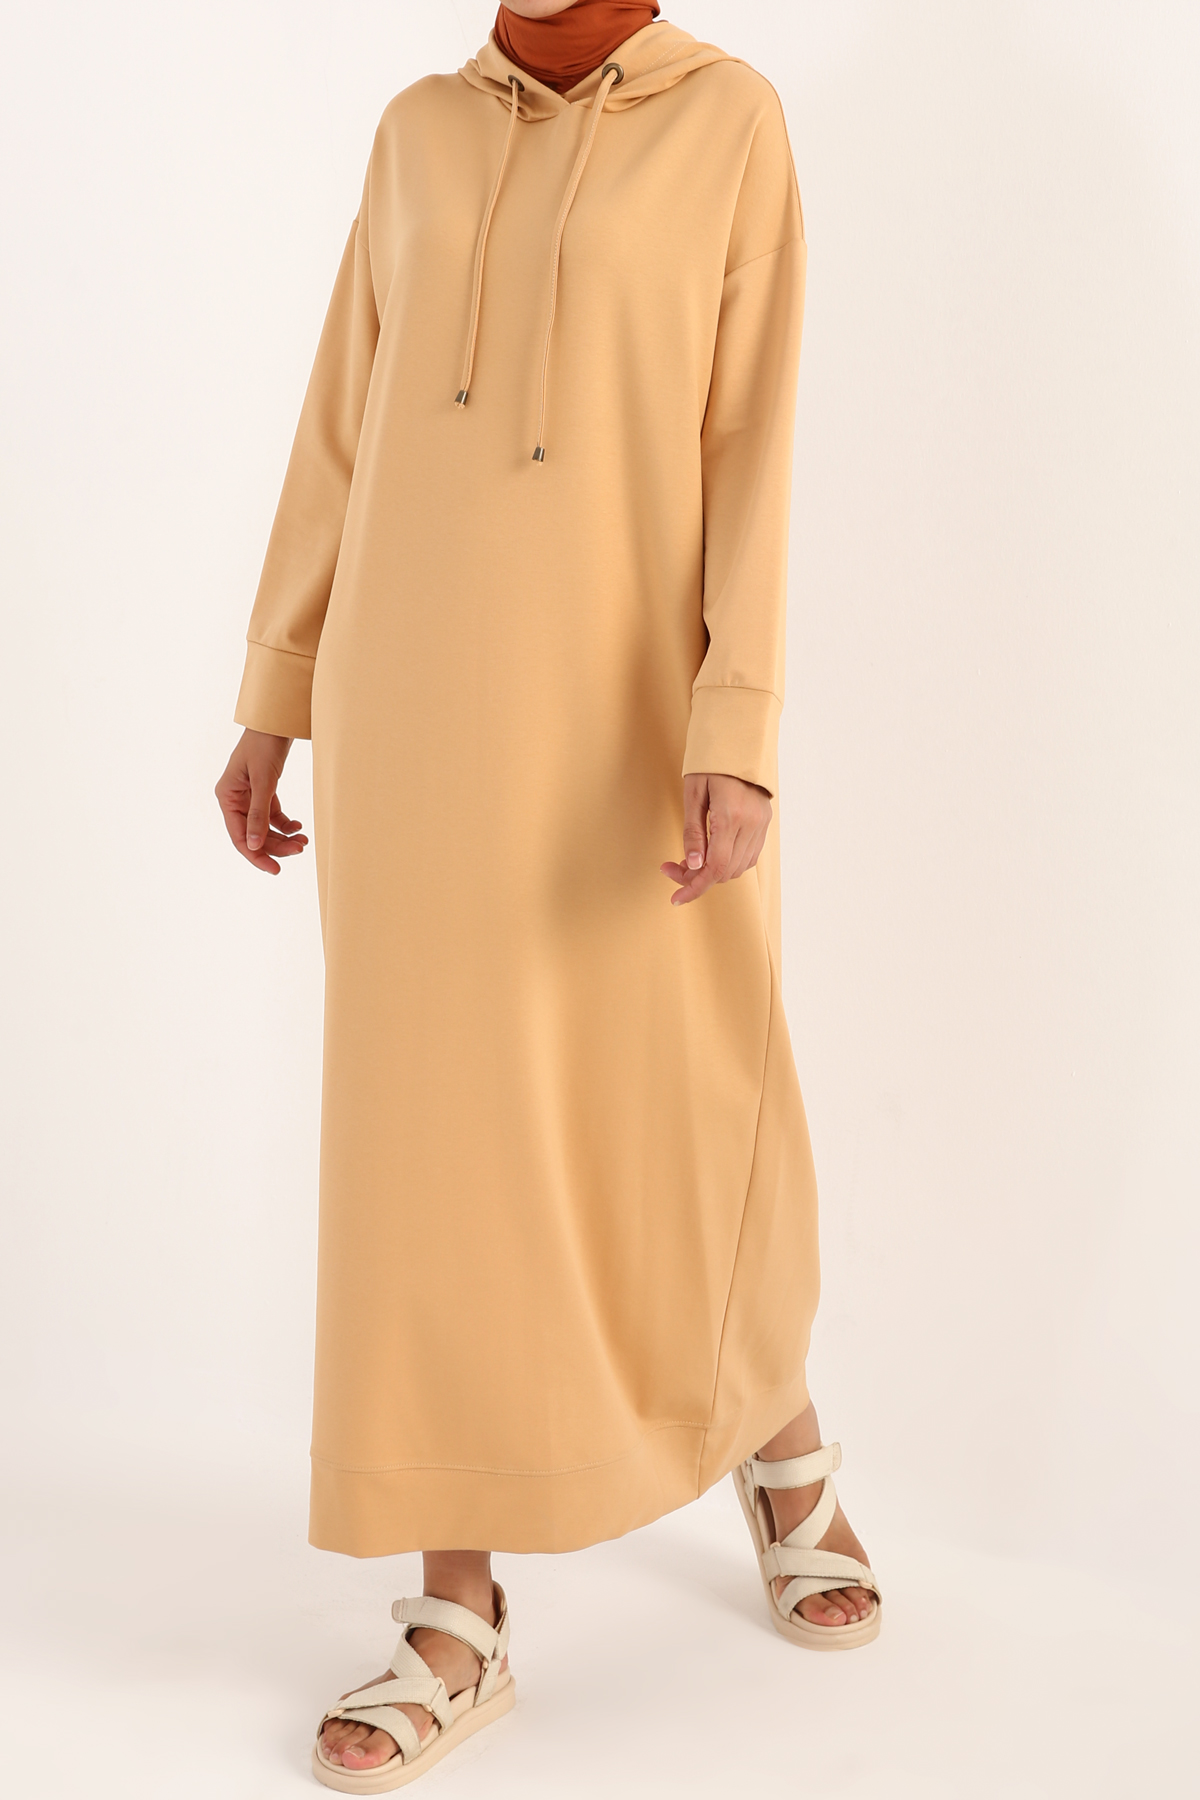 Basic Kapüşonlu Örme Pamuklu Elbise